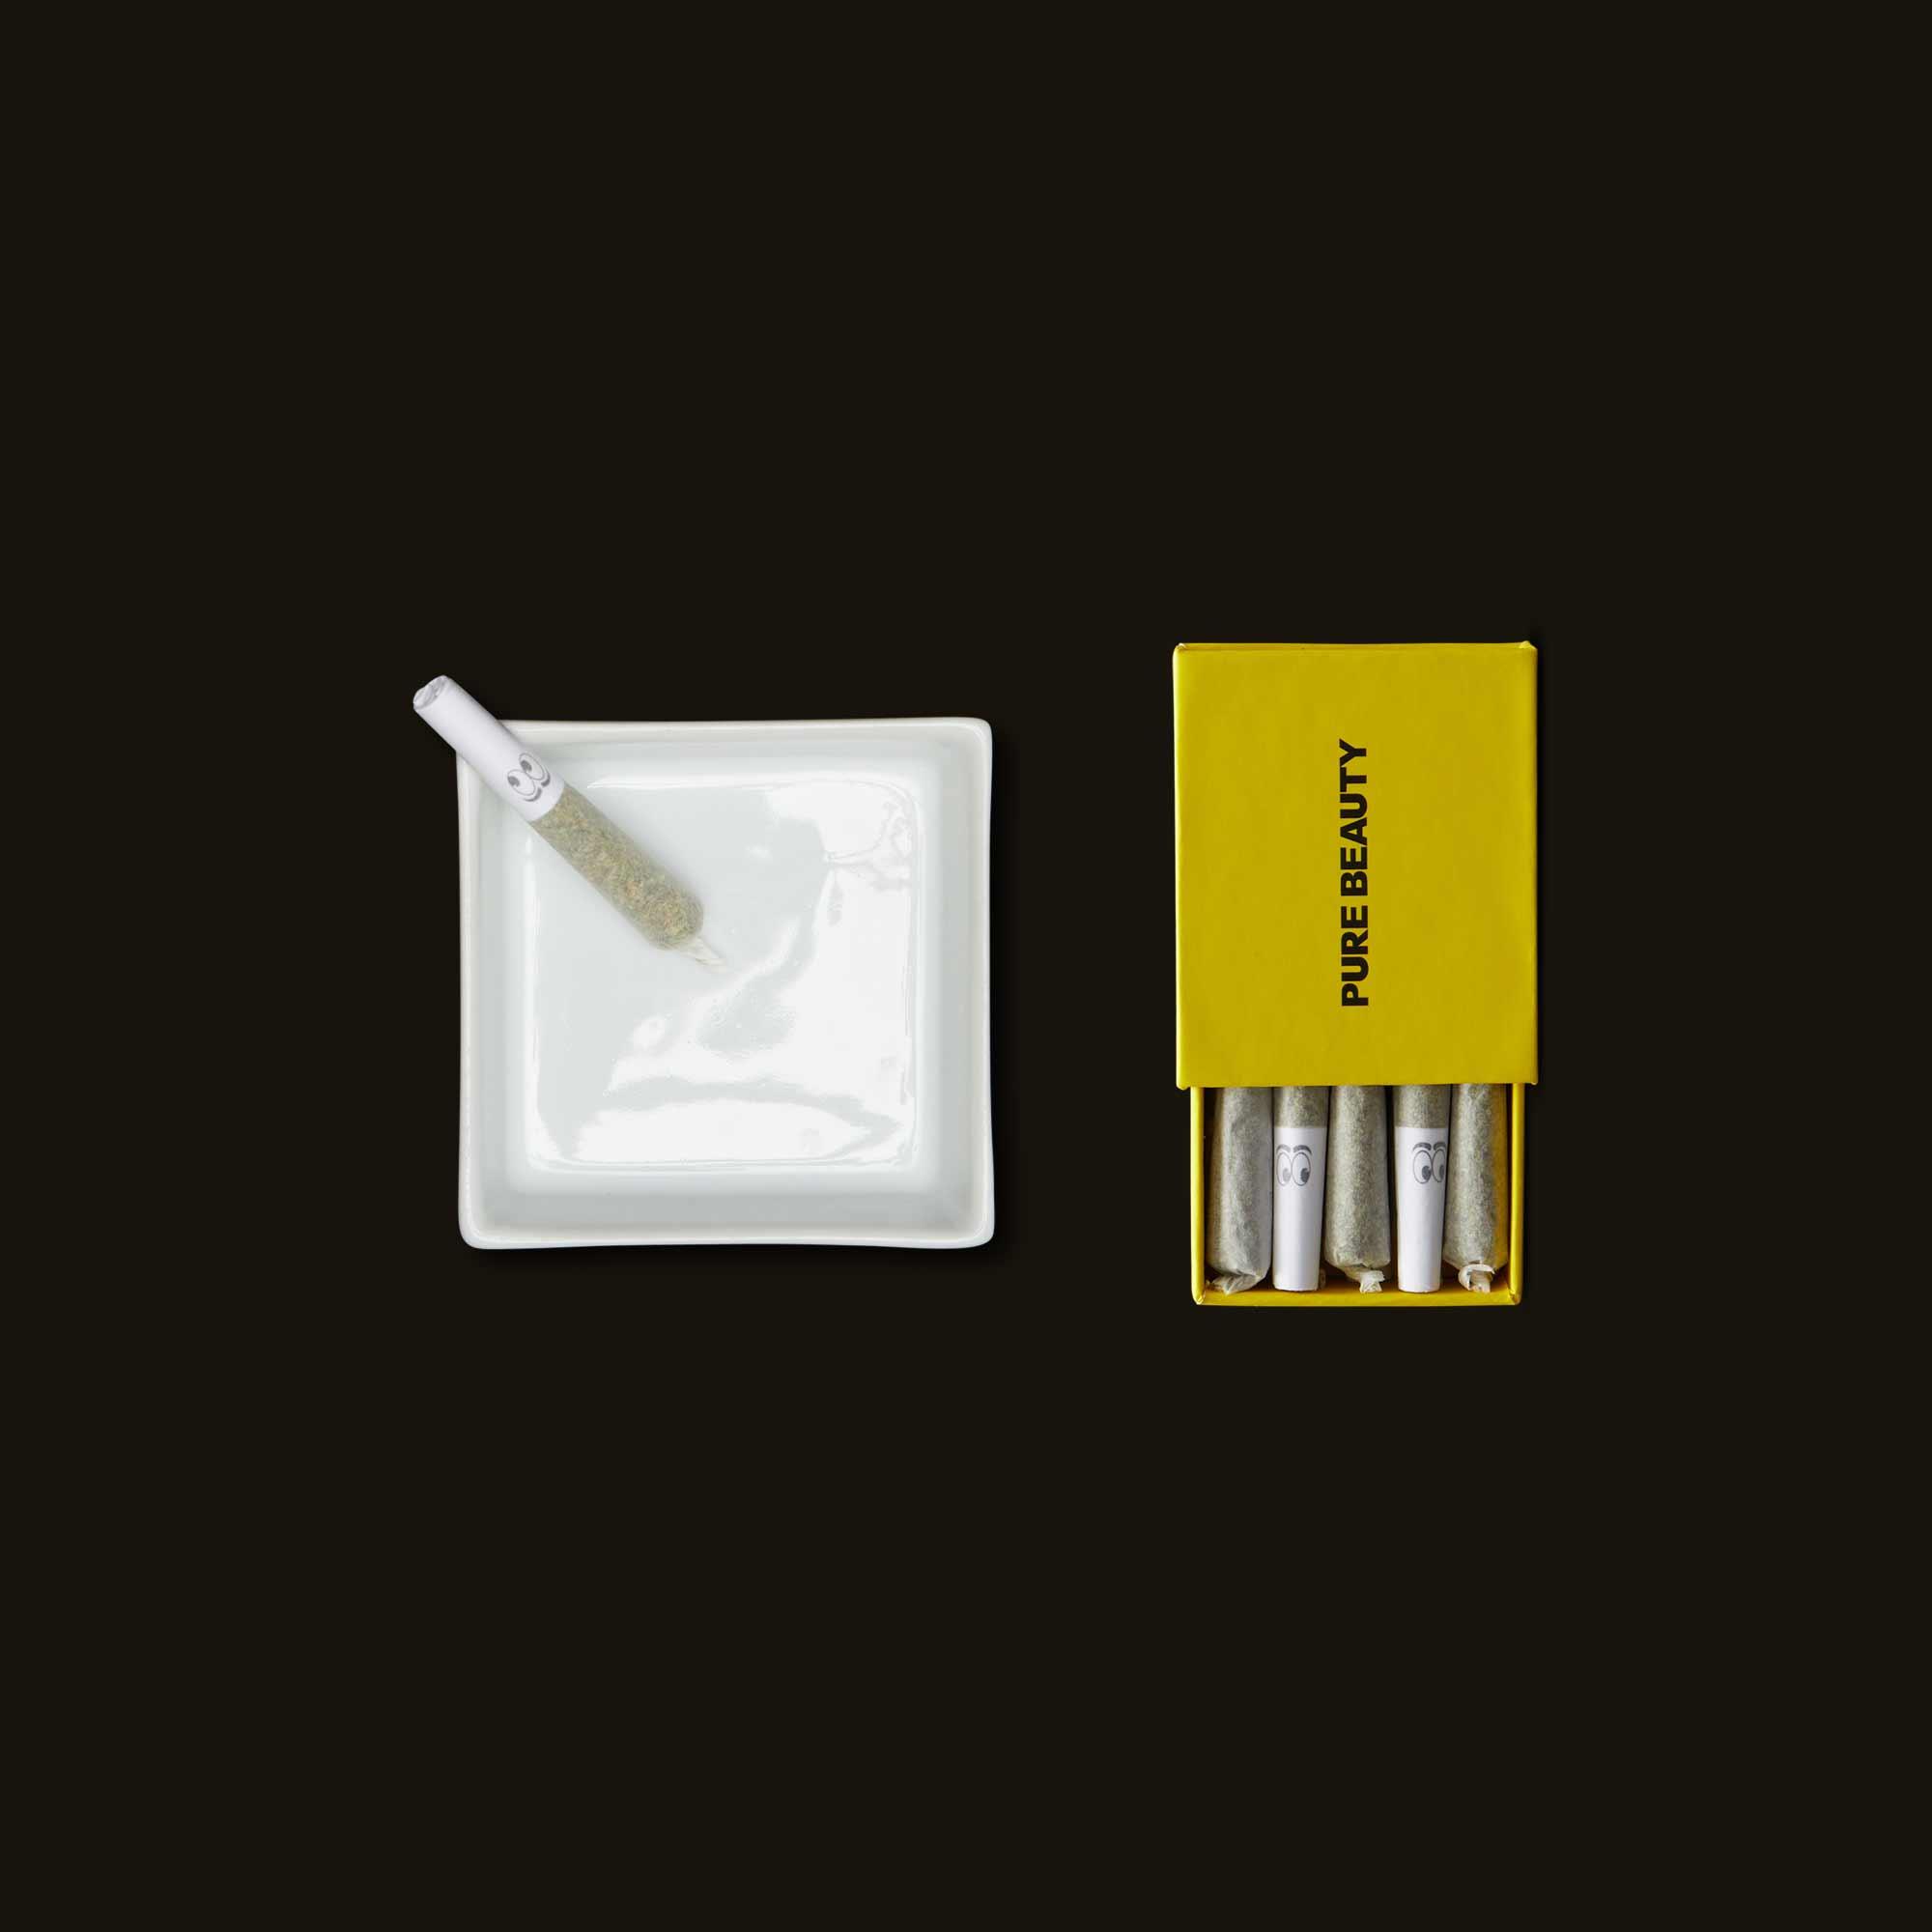 Sativa mini pre-roll in an ash tray